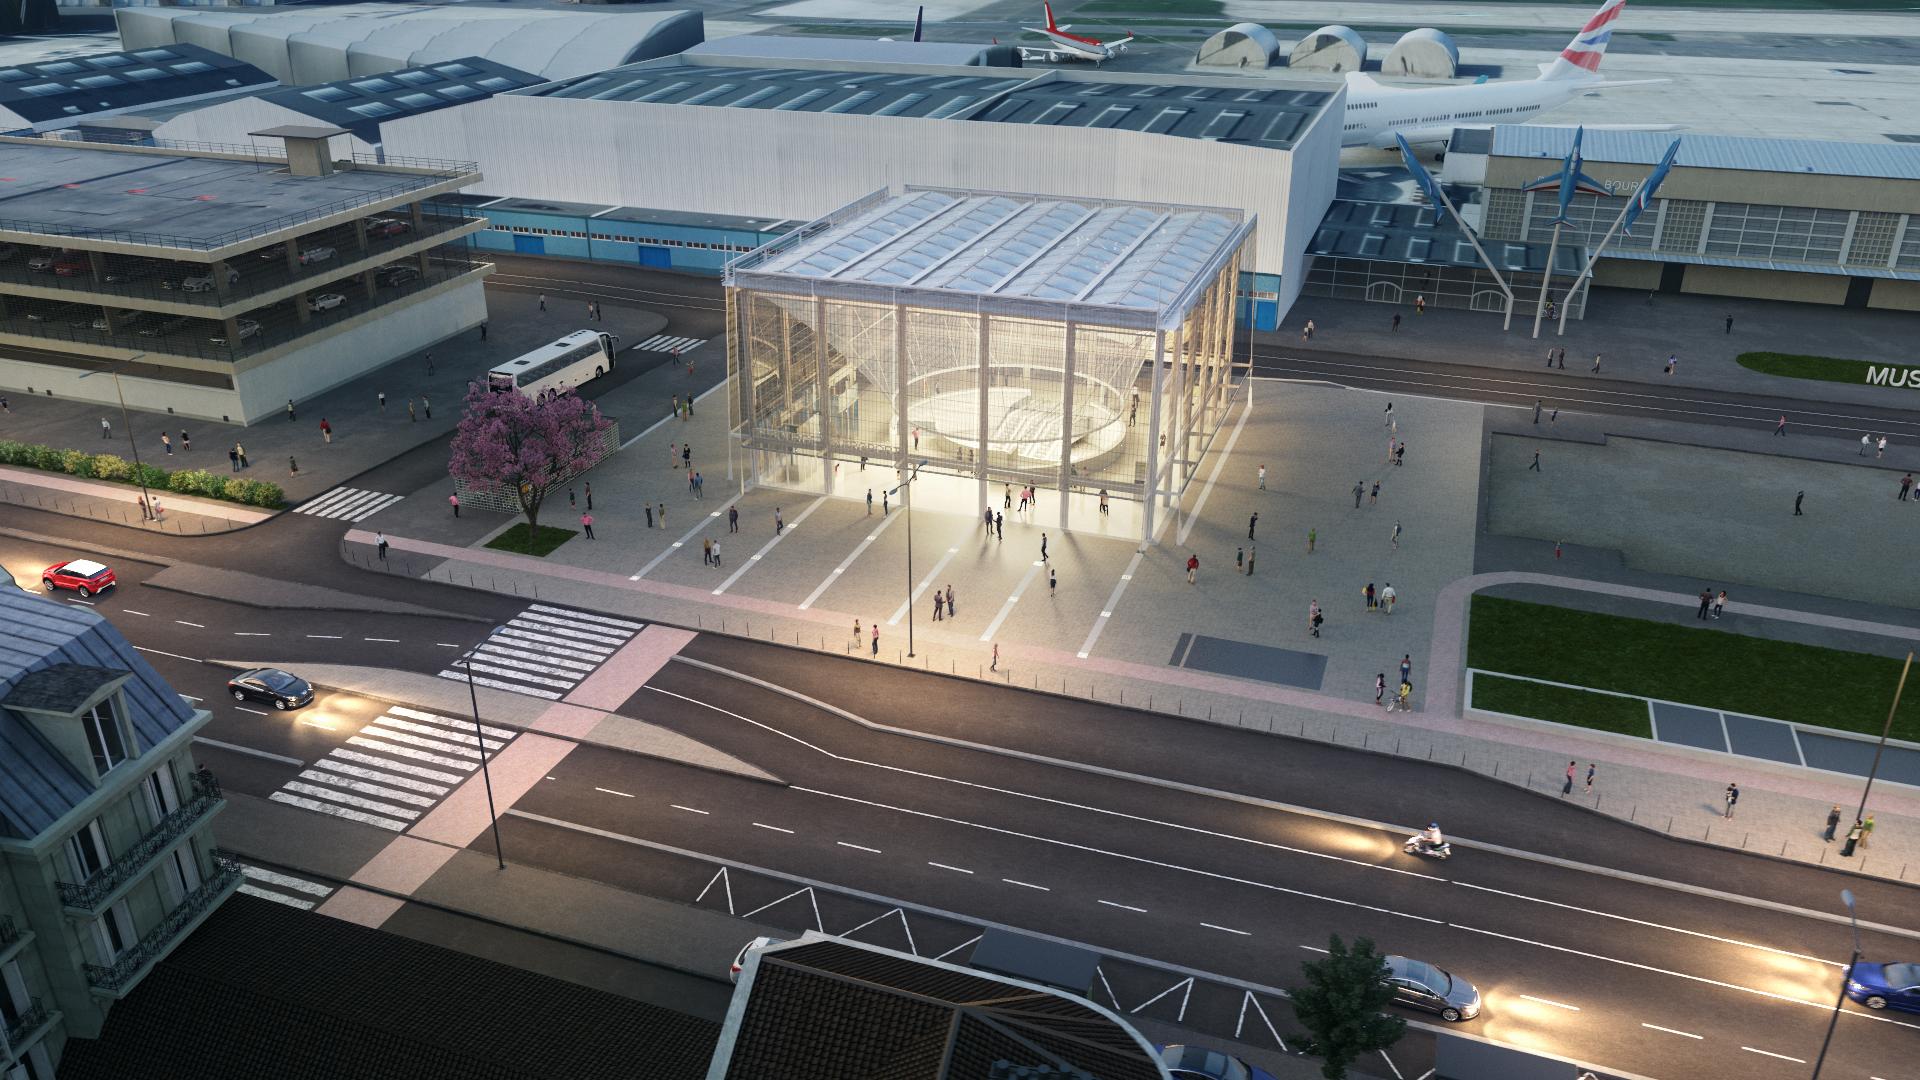 Le Bourget aéroport vue 8